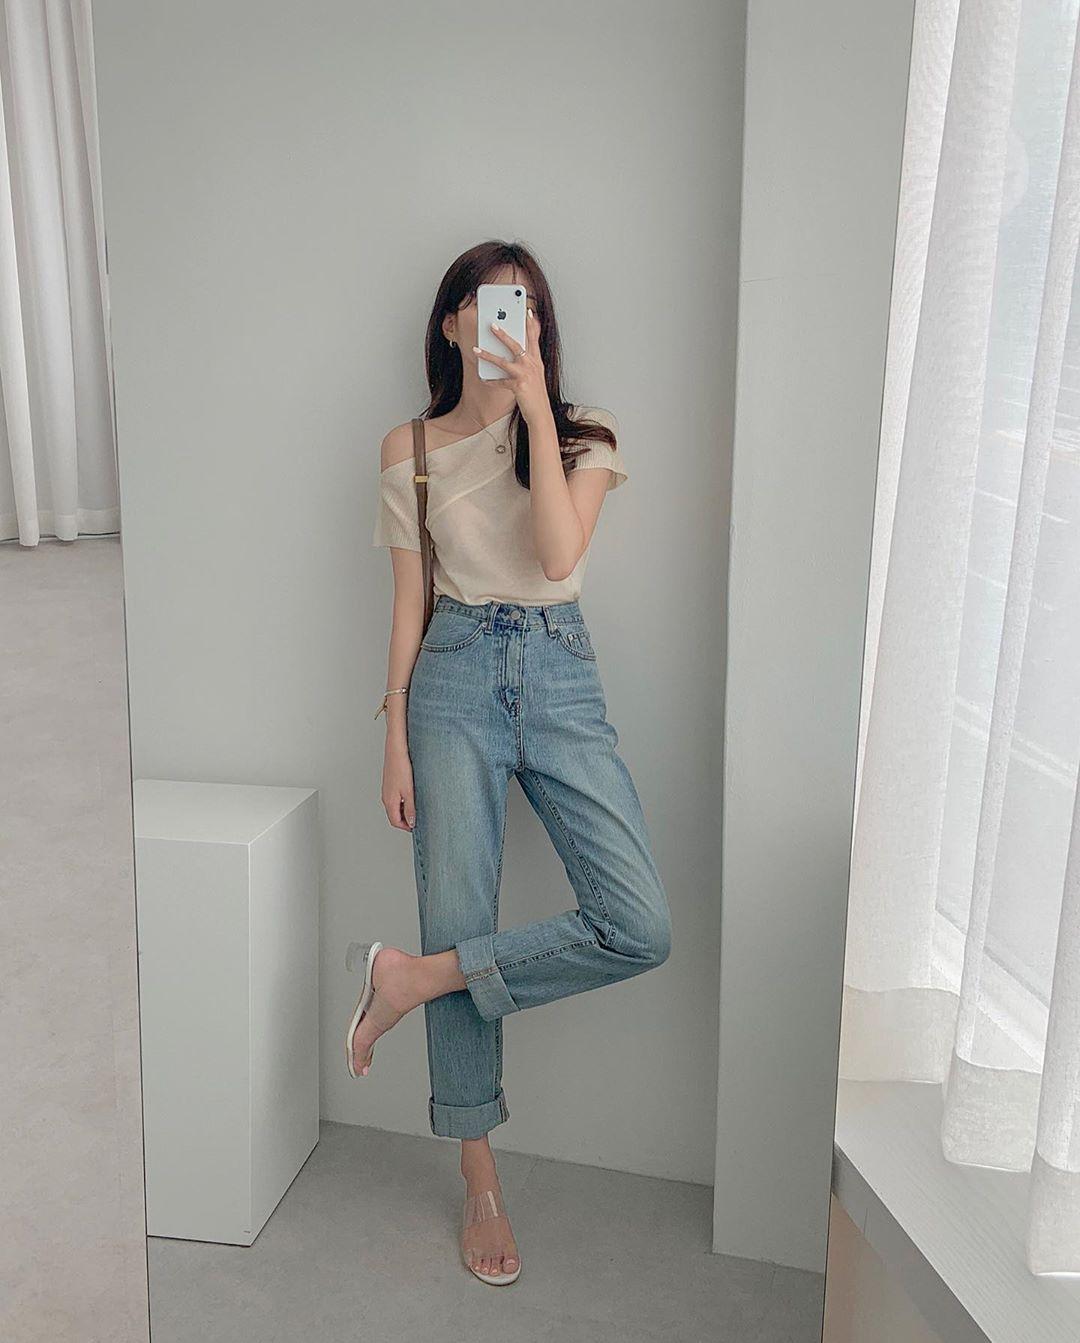 Mê quần jeans nhưng sợ phát ngốt vì nắng hè, chị em cứ nhắm trúng 4 kiểu dáng thoải mái sau mà diện - Ảnh 1